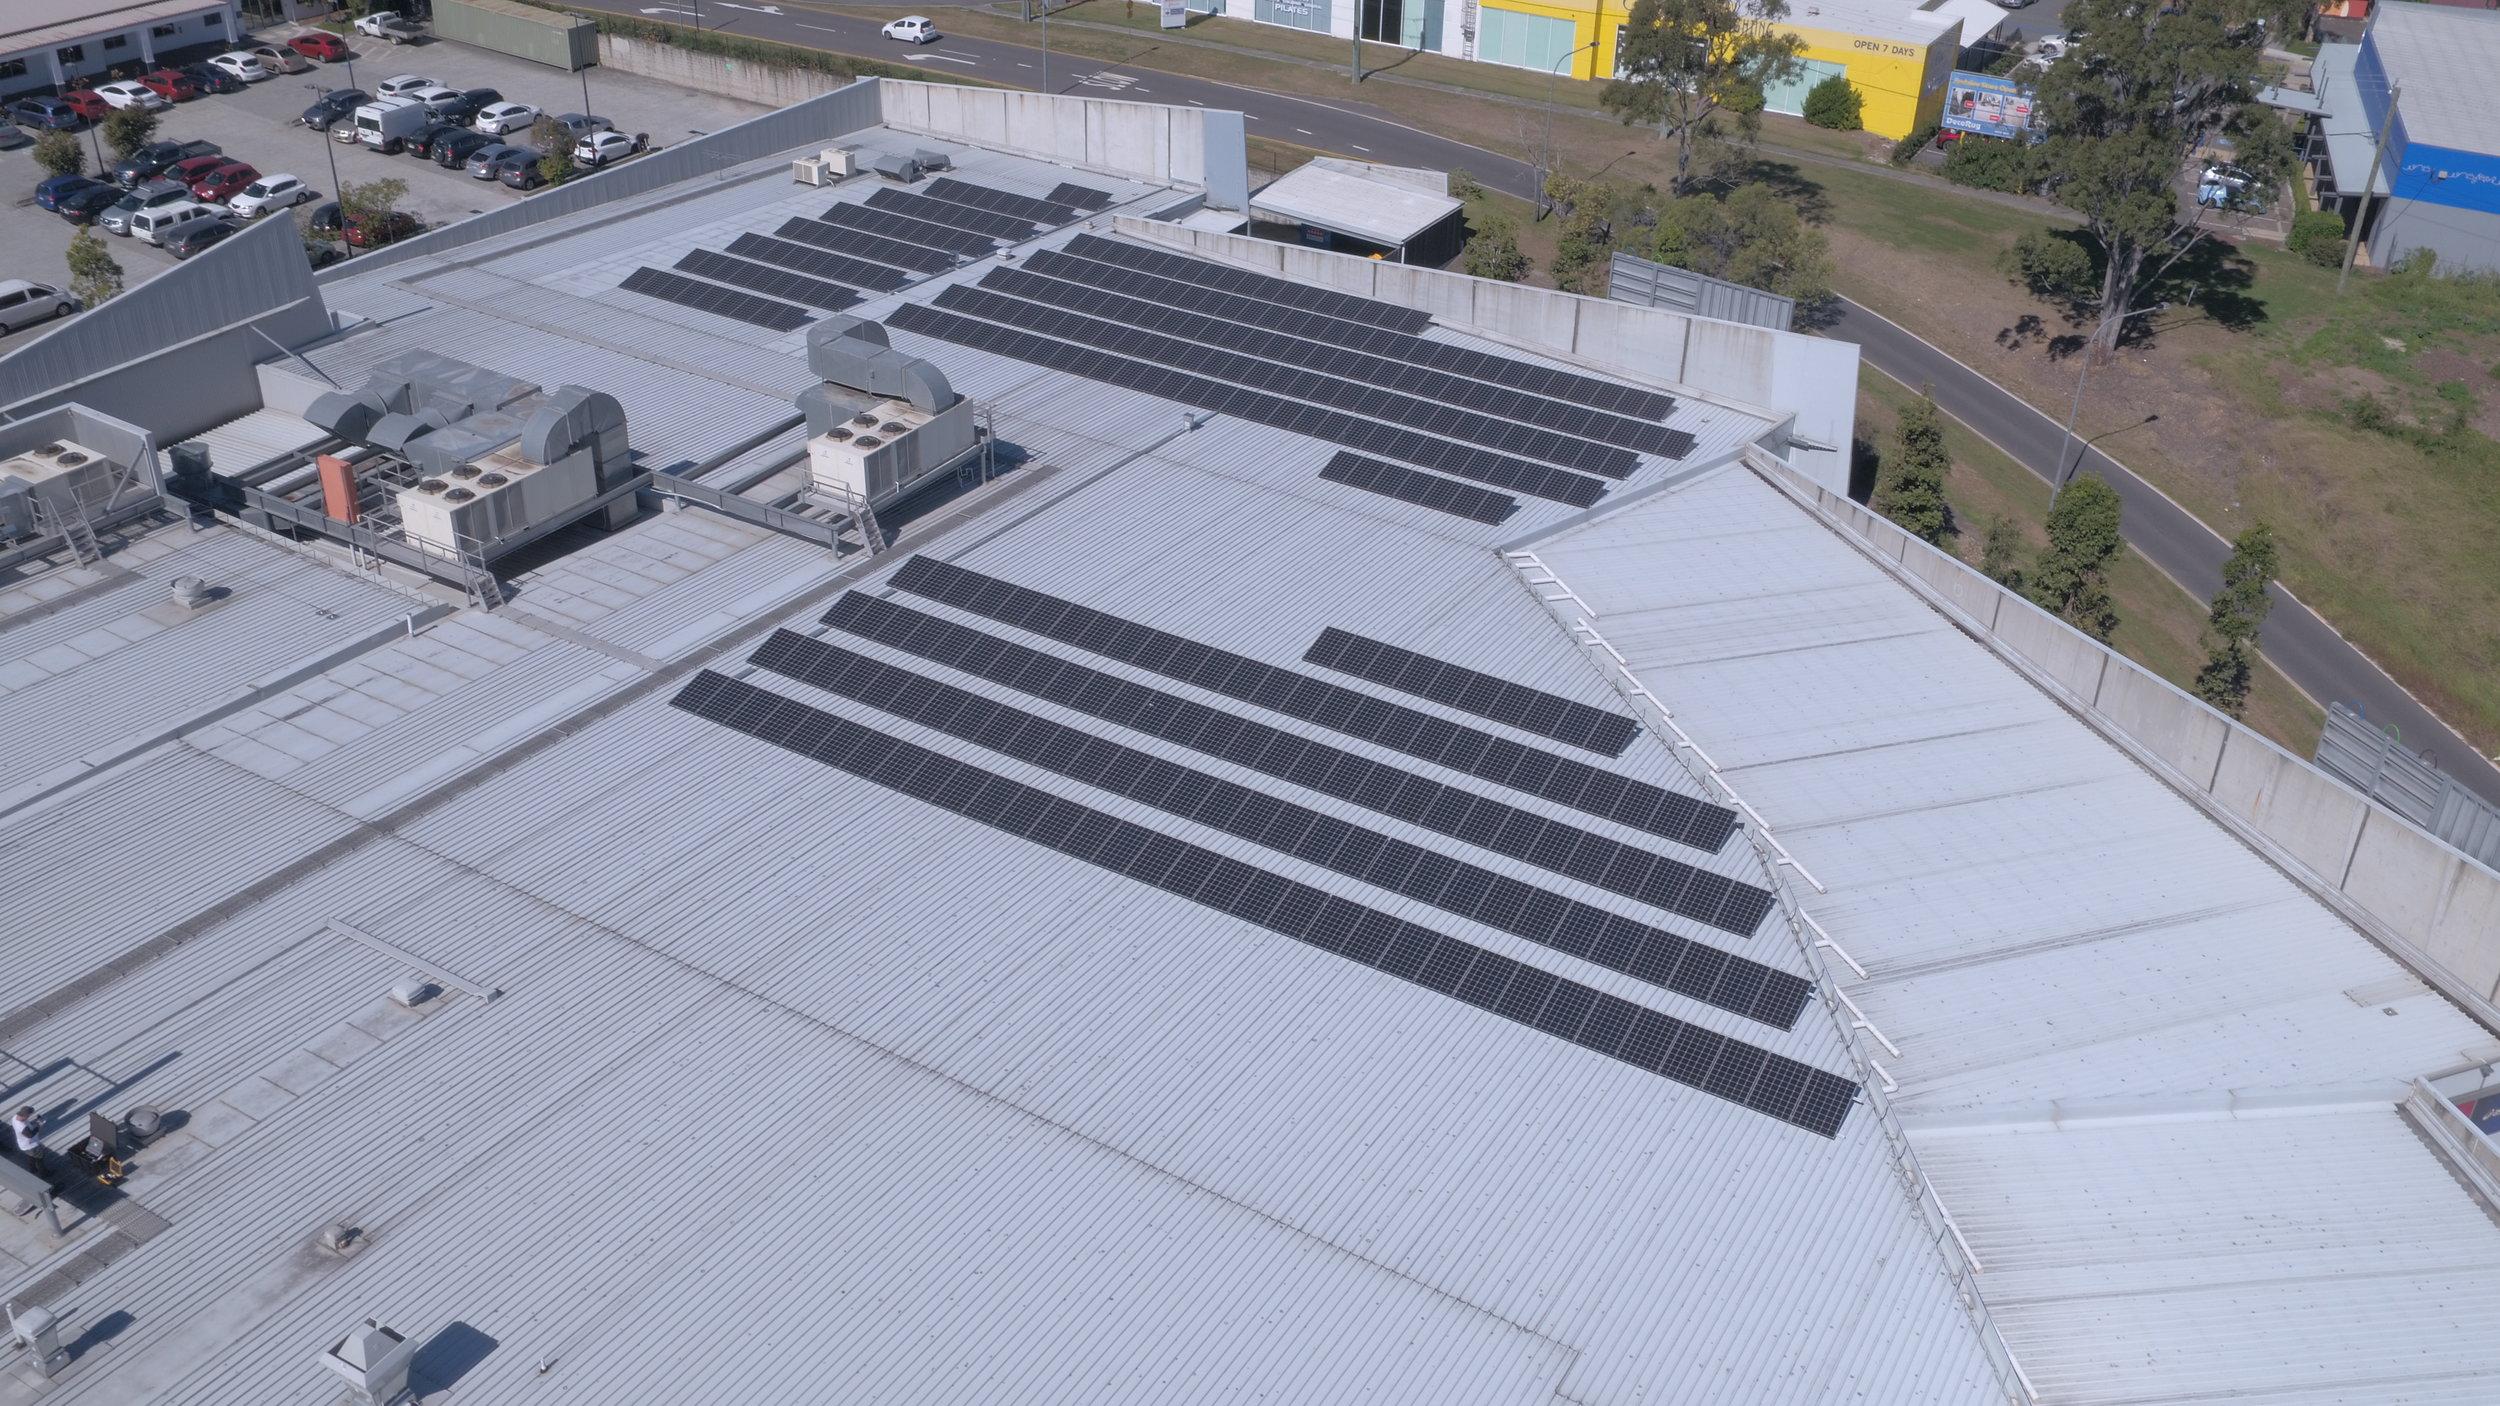 energyaware-drone-JPEG-1.JPG